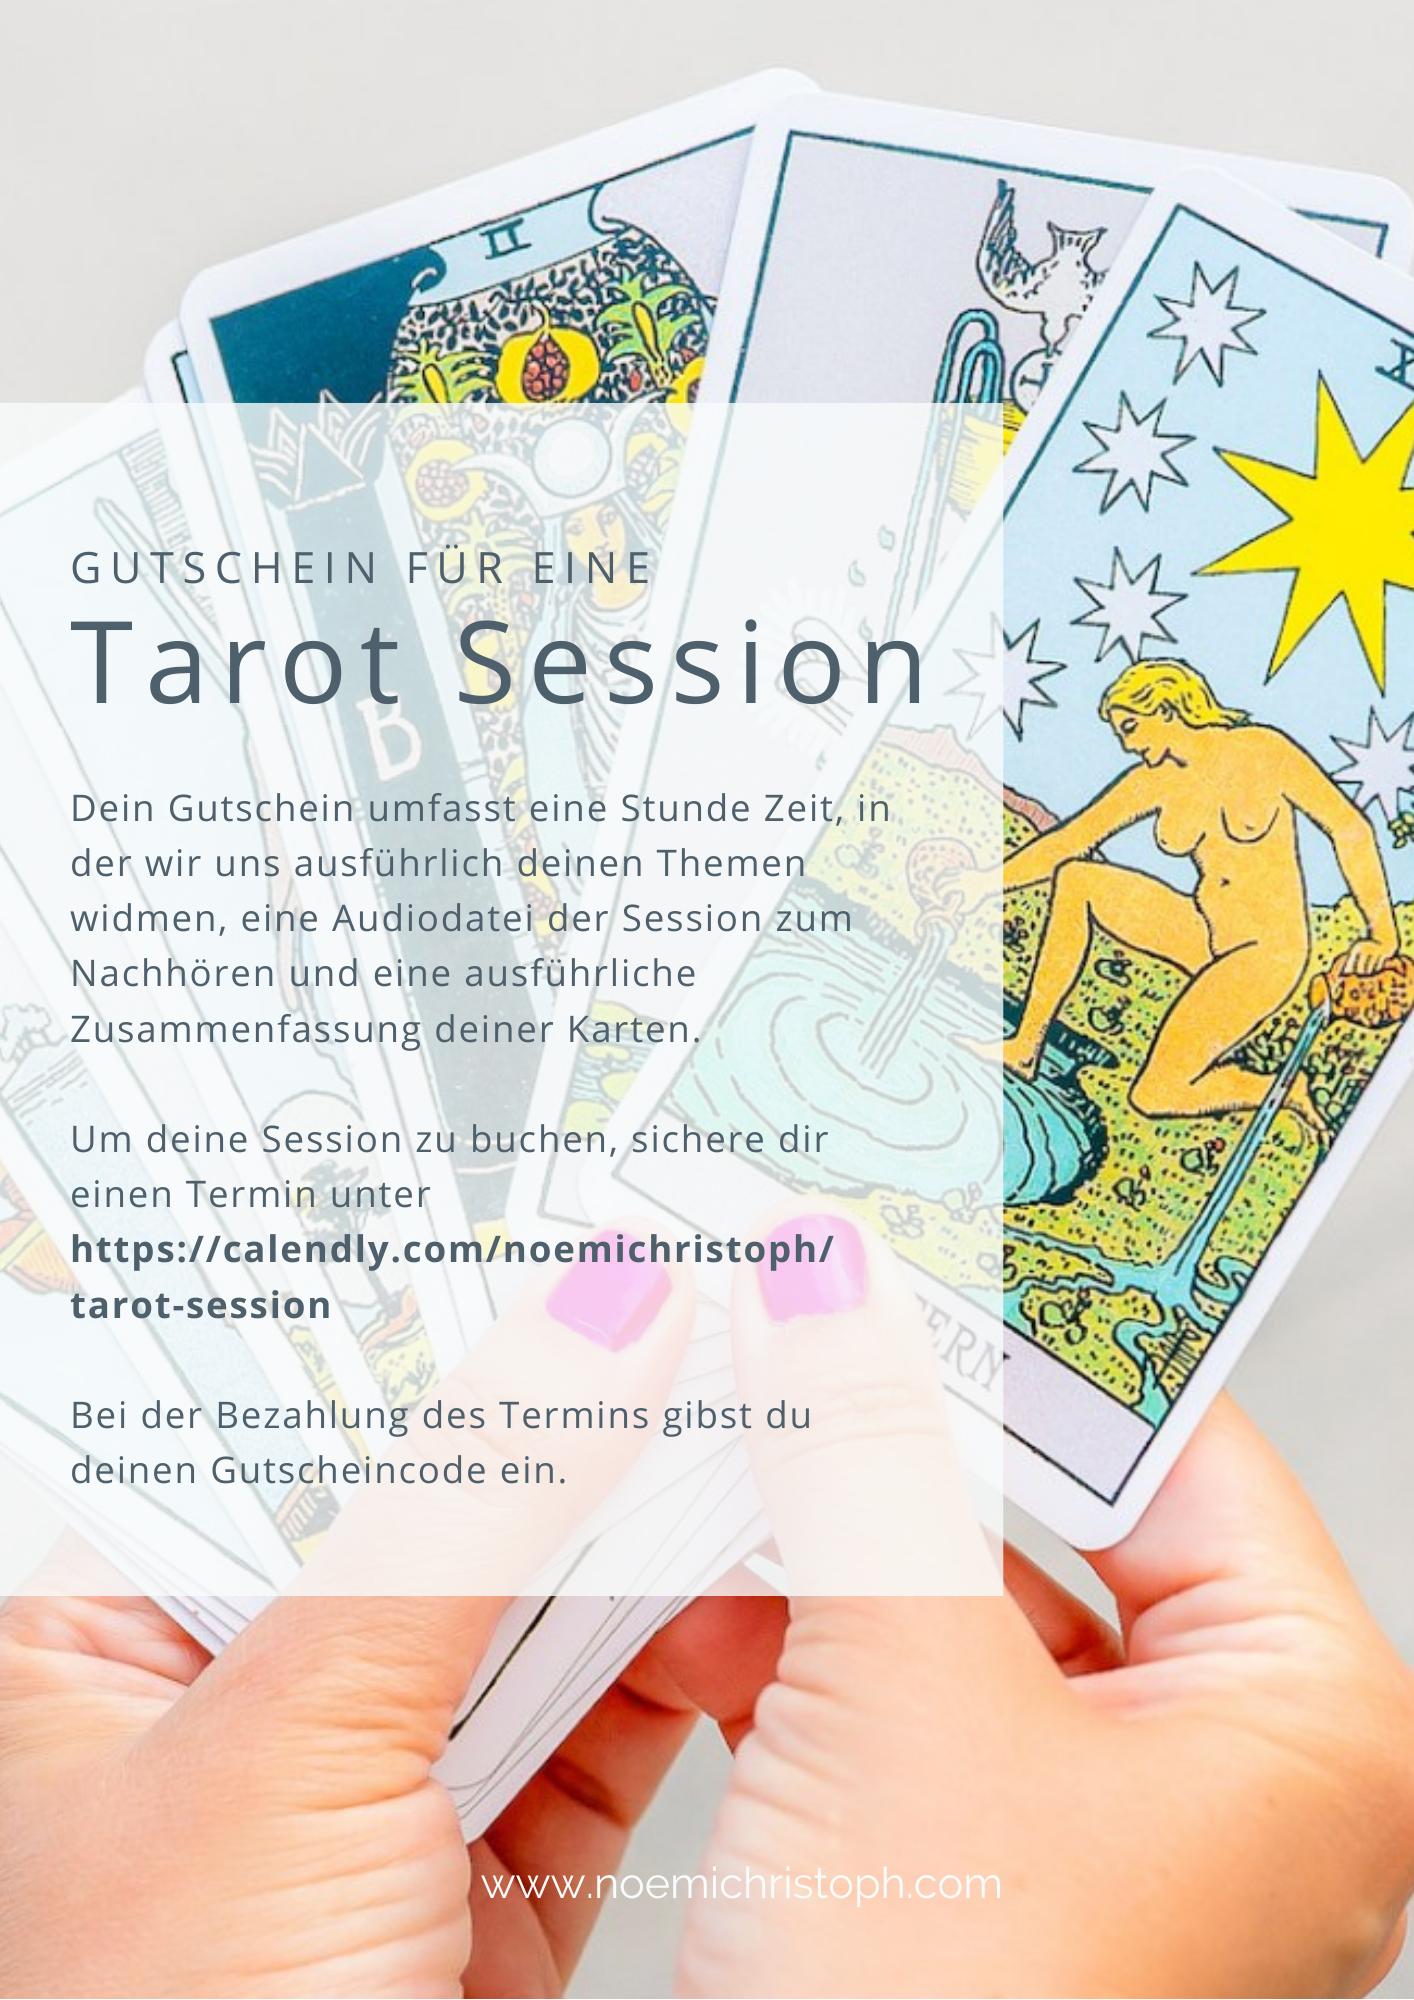 Gutschein_Tarot